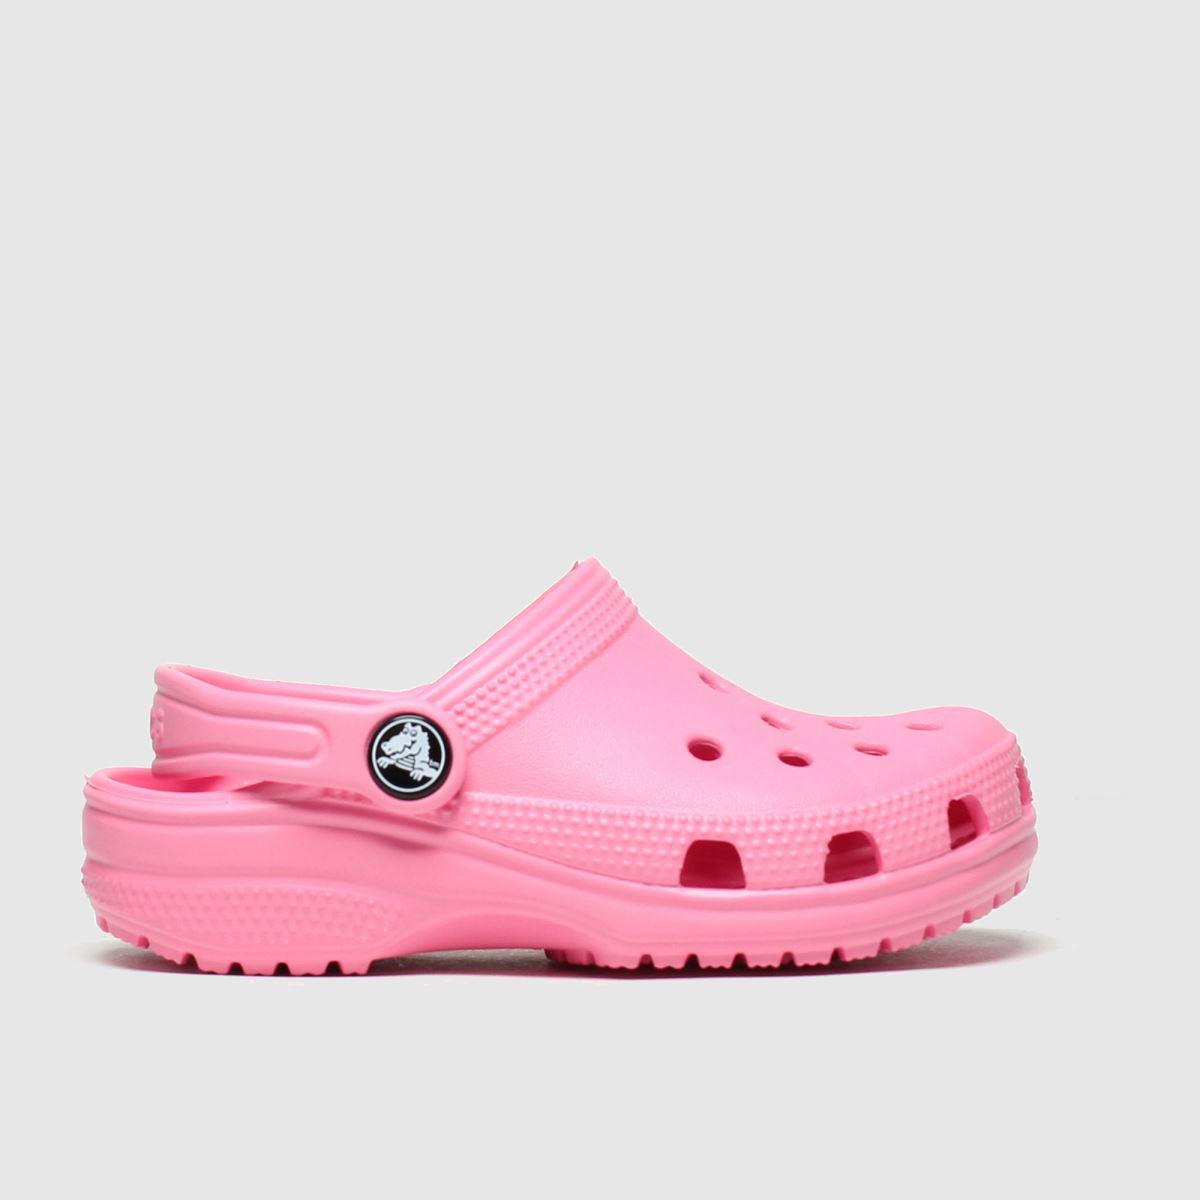 Crocs Pink Classic Clog Trainers Junior